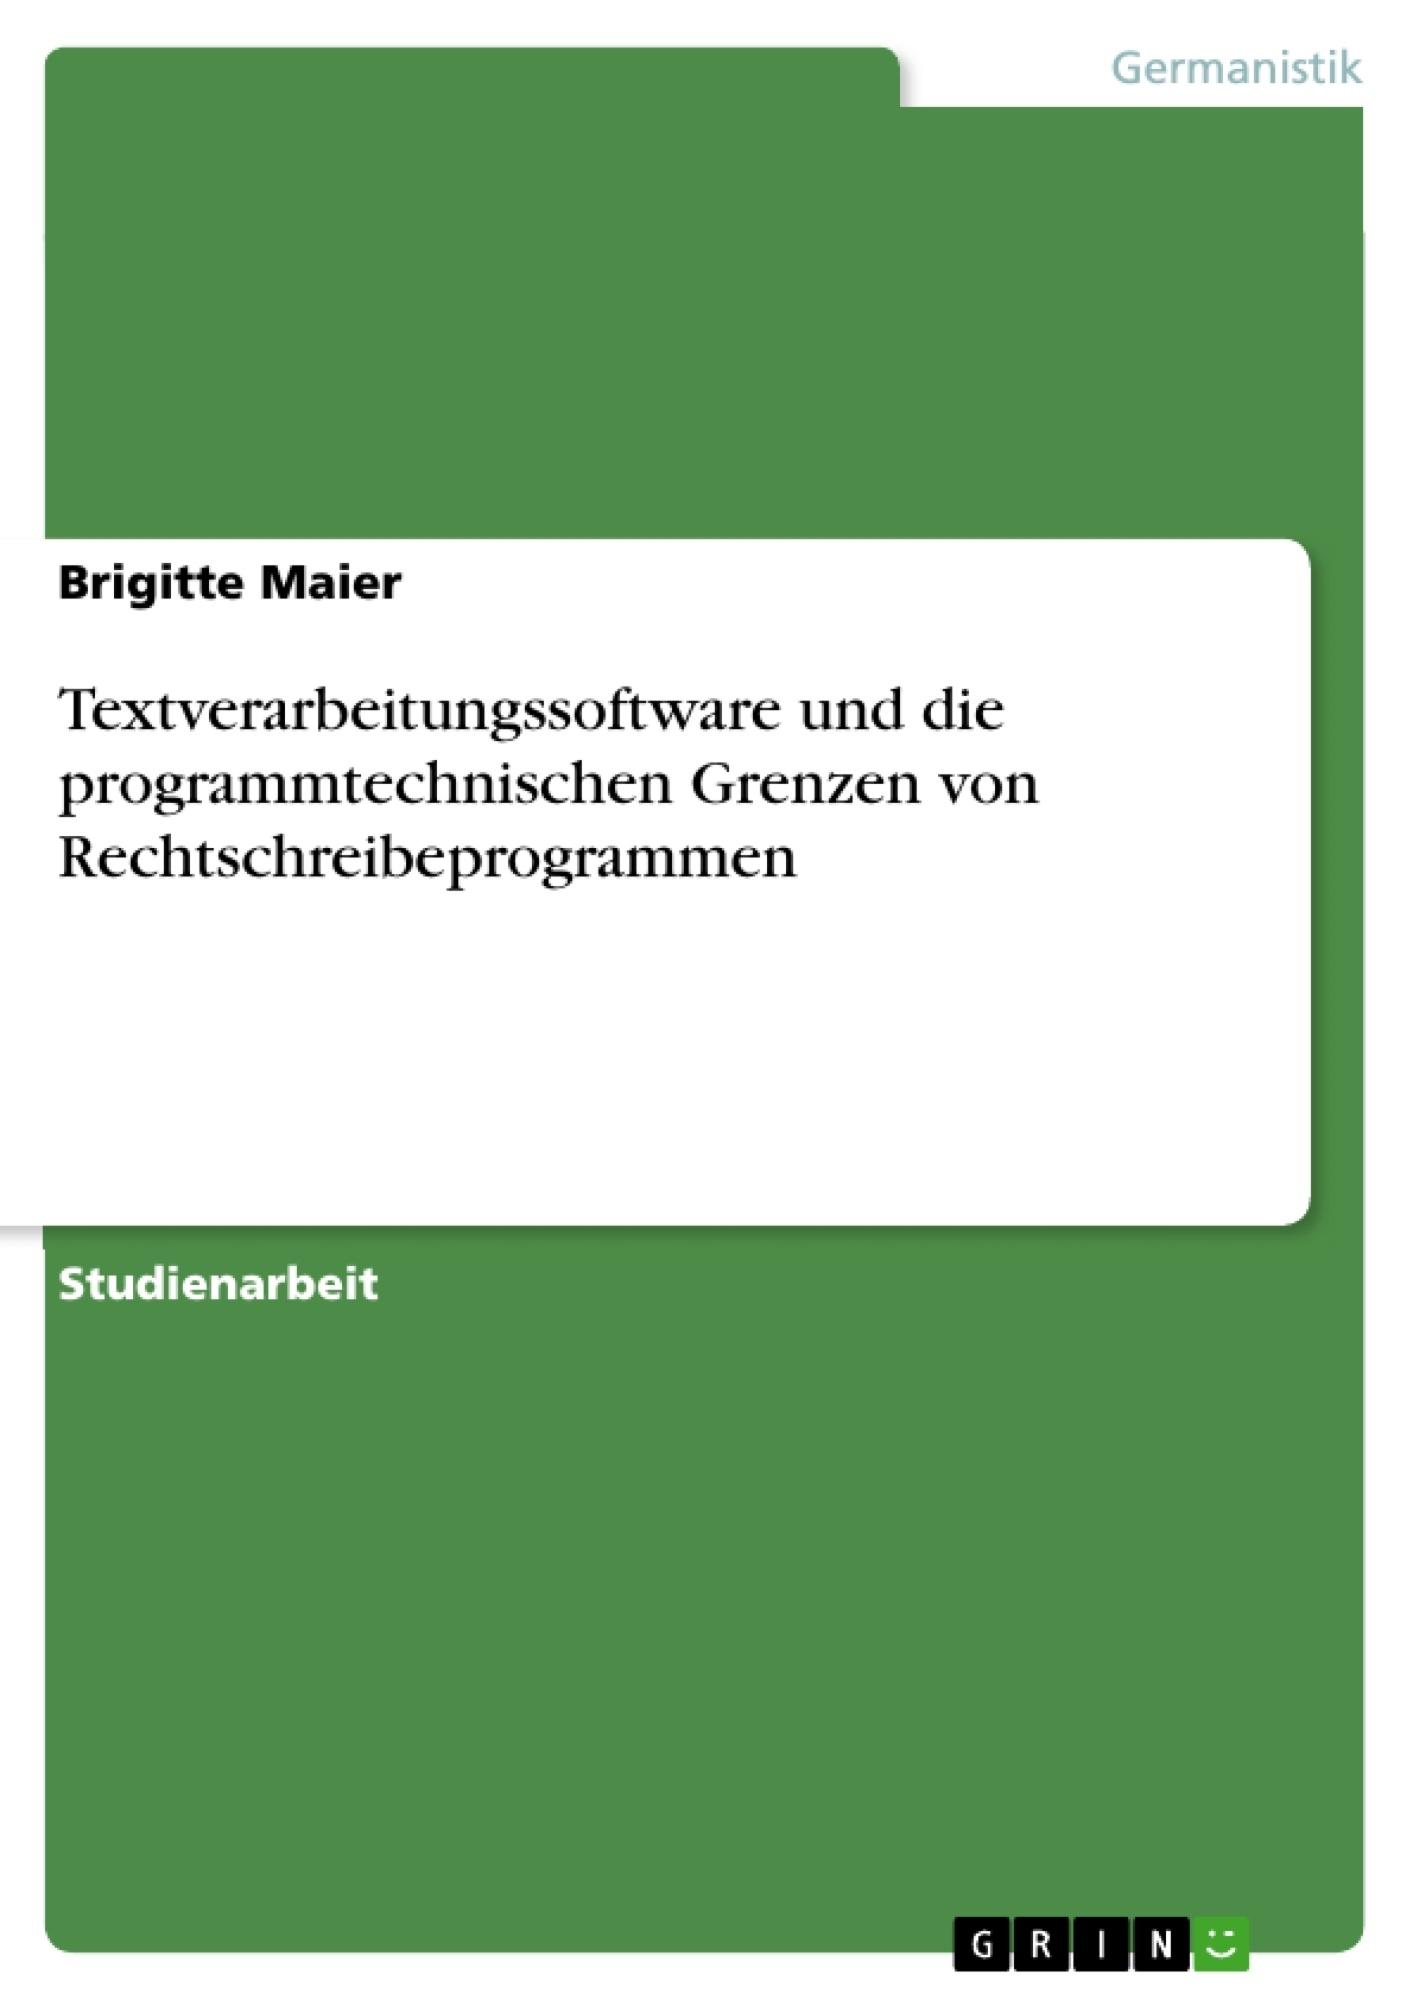 Titel: Textverarbeitungssoftware und die programmtechnischen Grenzen von Rechtschreibeprogrammen